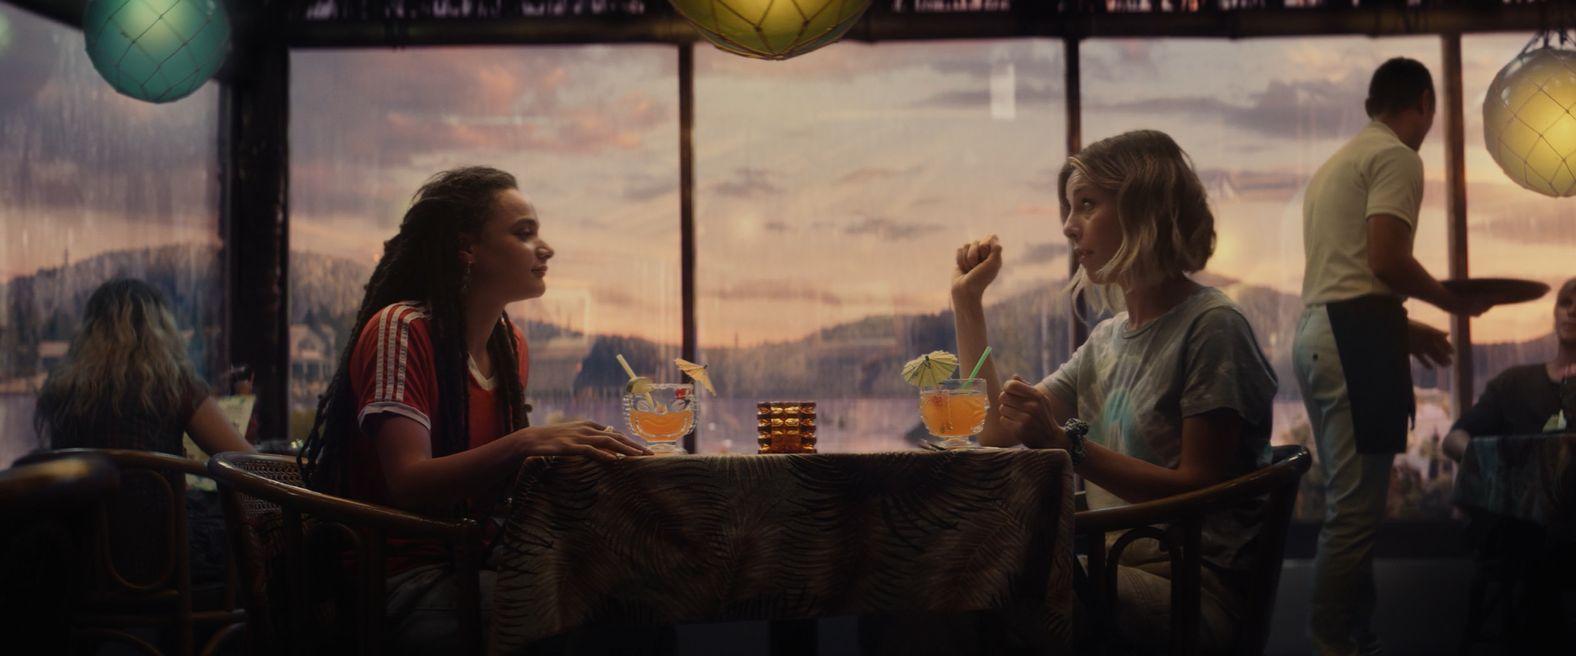 """W sekwencji początkowej Sylvie mówi o """"mrożeniu"""" umysłu. Choć wypowiedź ta ma znaczenie metaforyczne, niektórzy dopatrują się tutaj nawiązania do faktu, że bohaterka – podobnie jak Loki – może pochodzić od Lodowych Gigantów, dzięki czemu jest odporna na działanie zimna."""